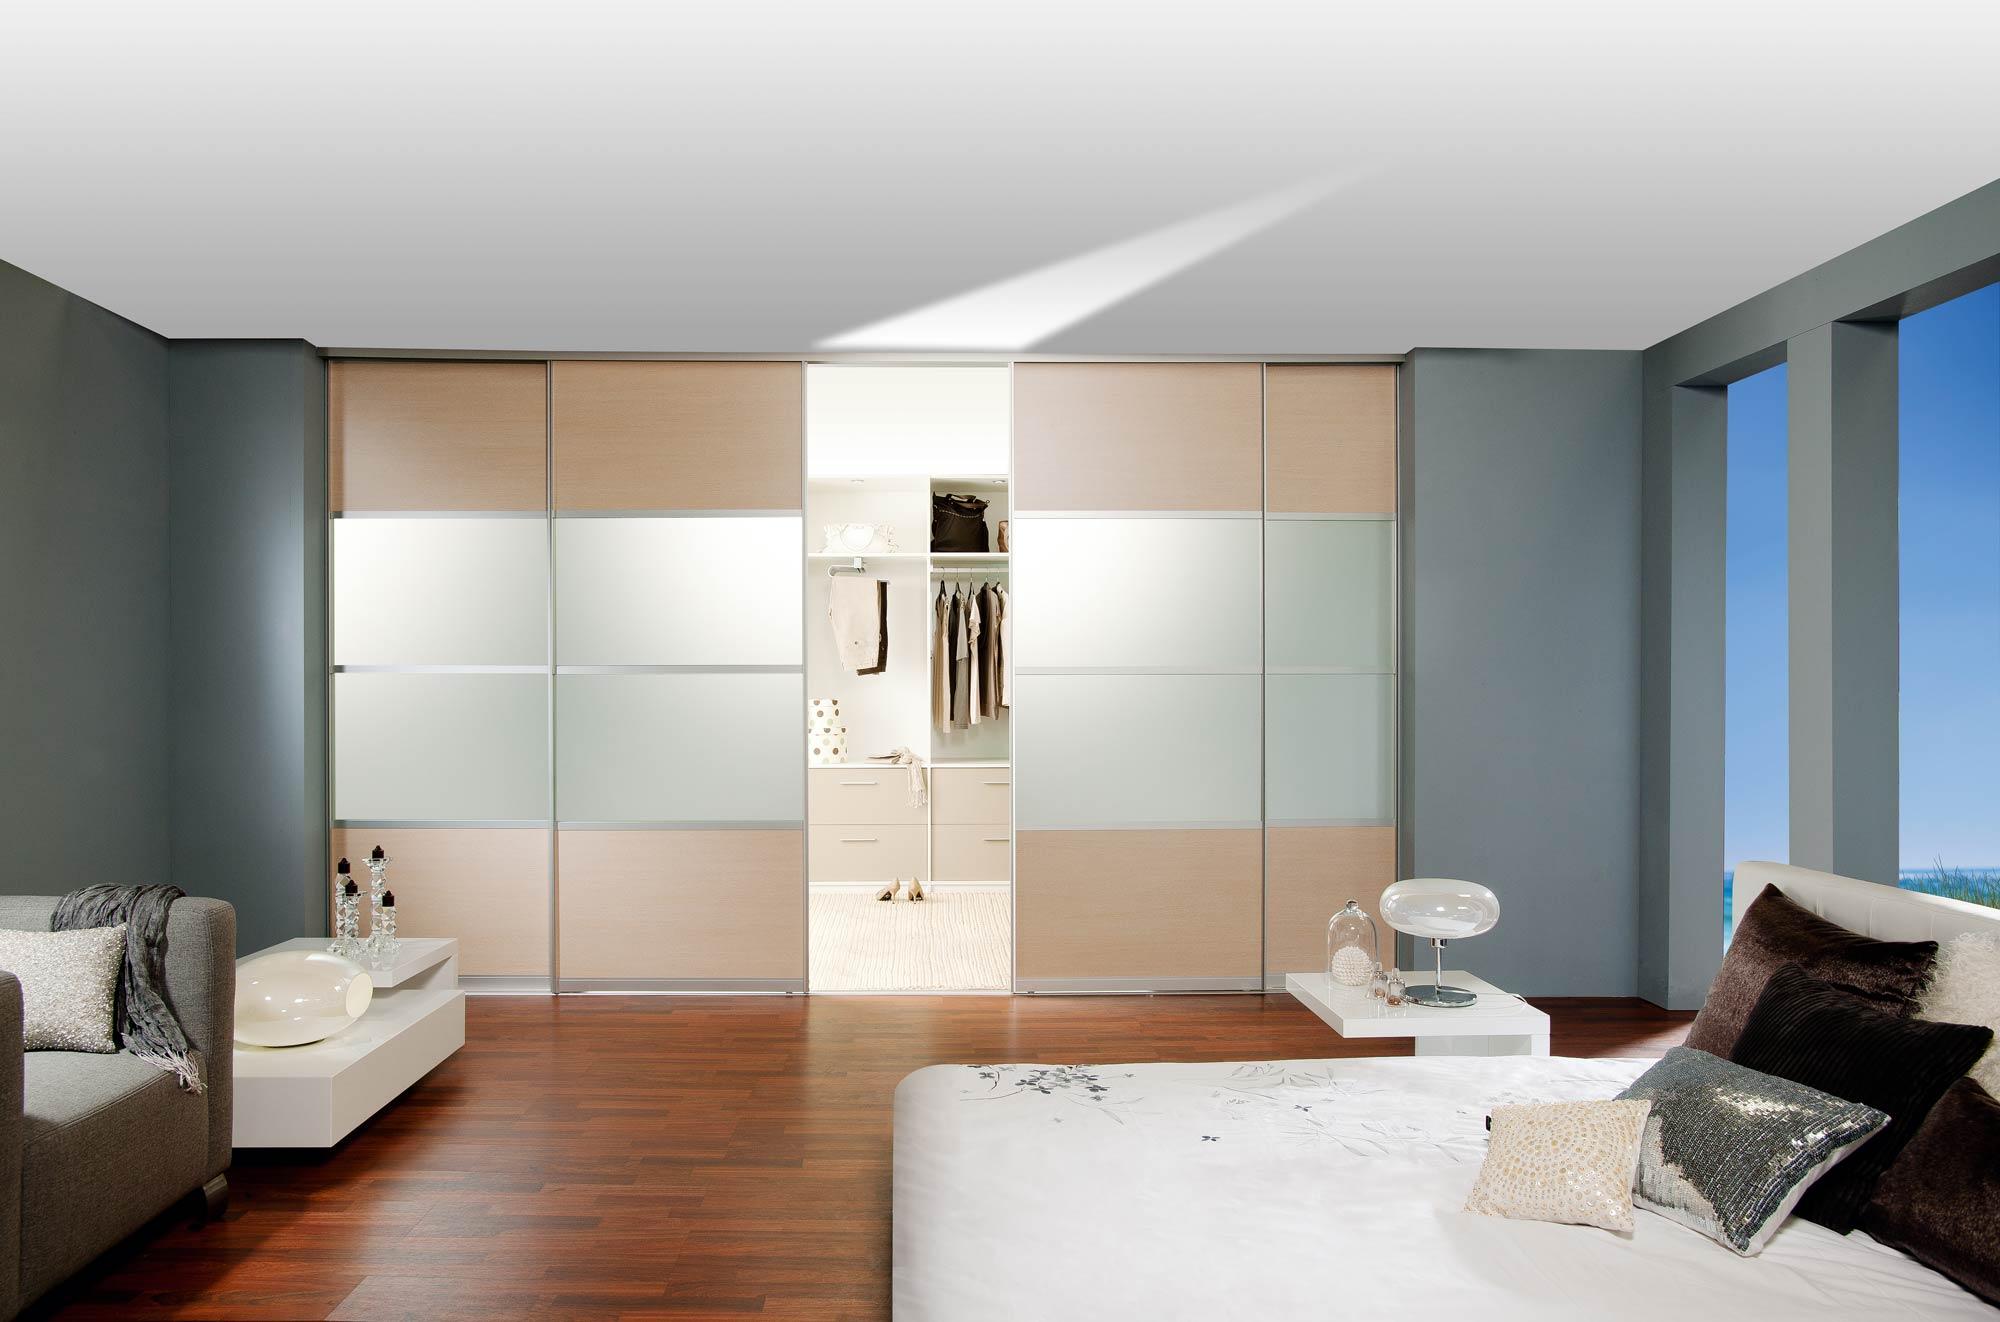 Beau armoire chambre porte coulissante miroir for Porte coulissante chambre